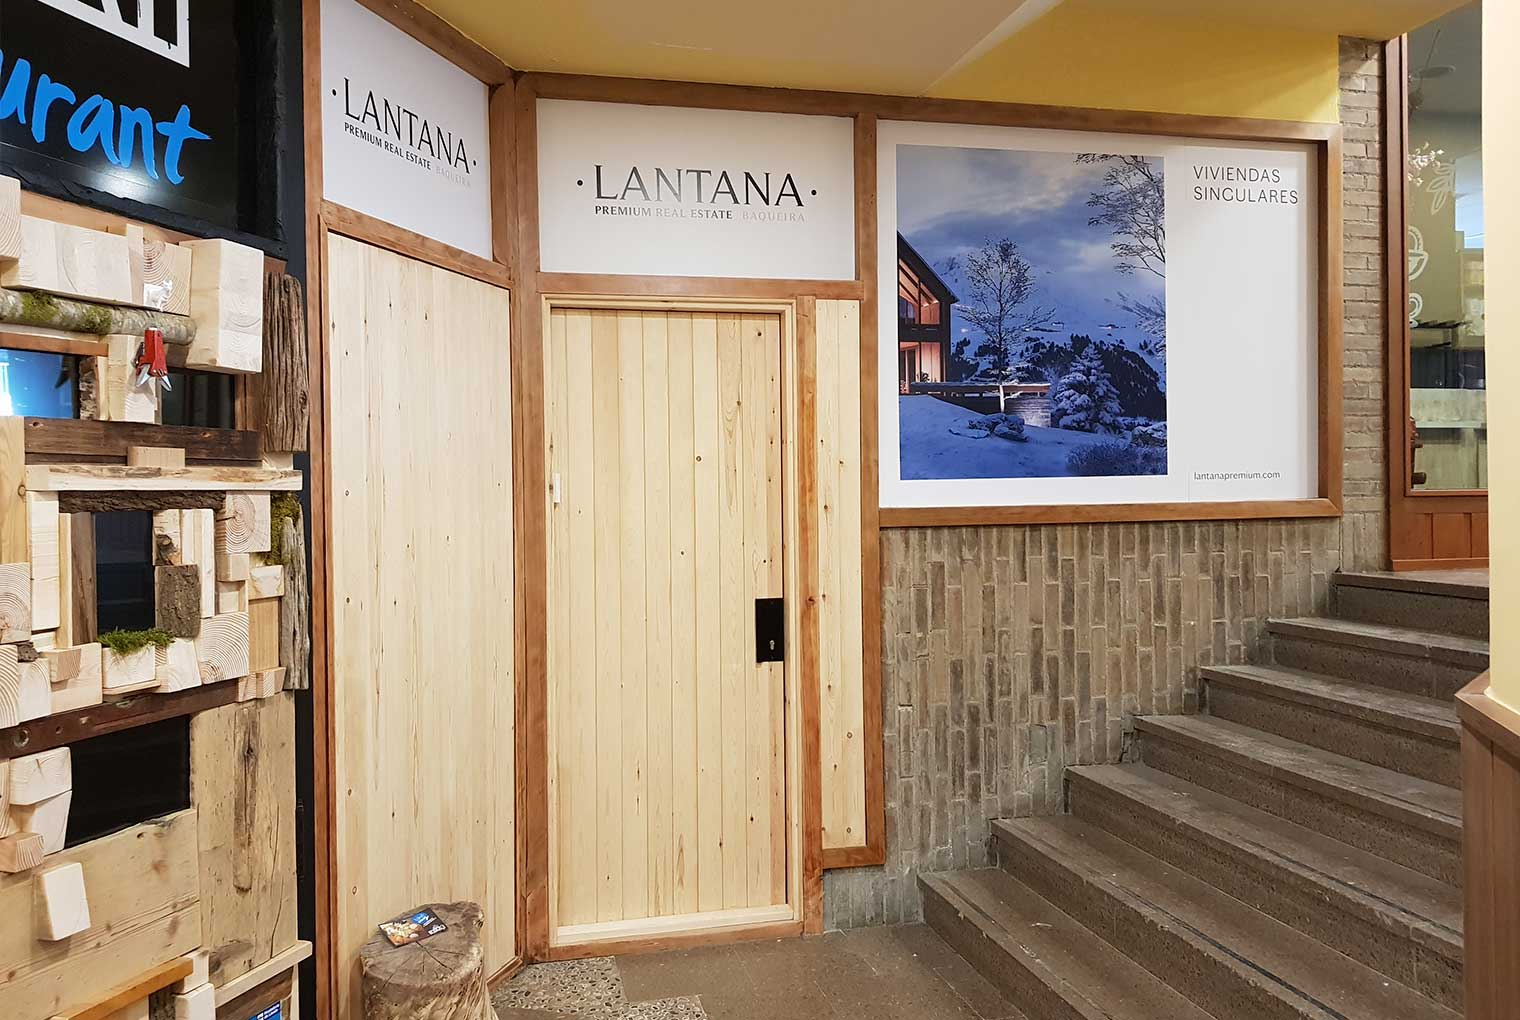 lantana-3